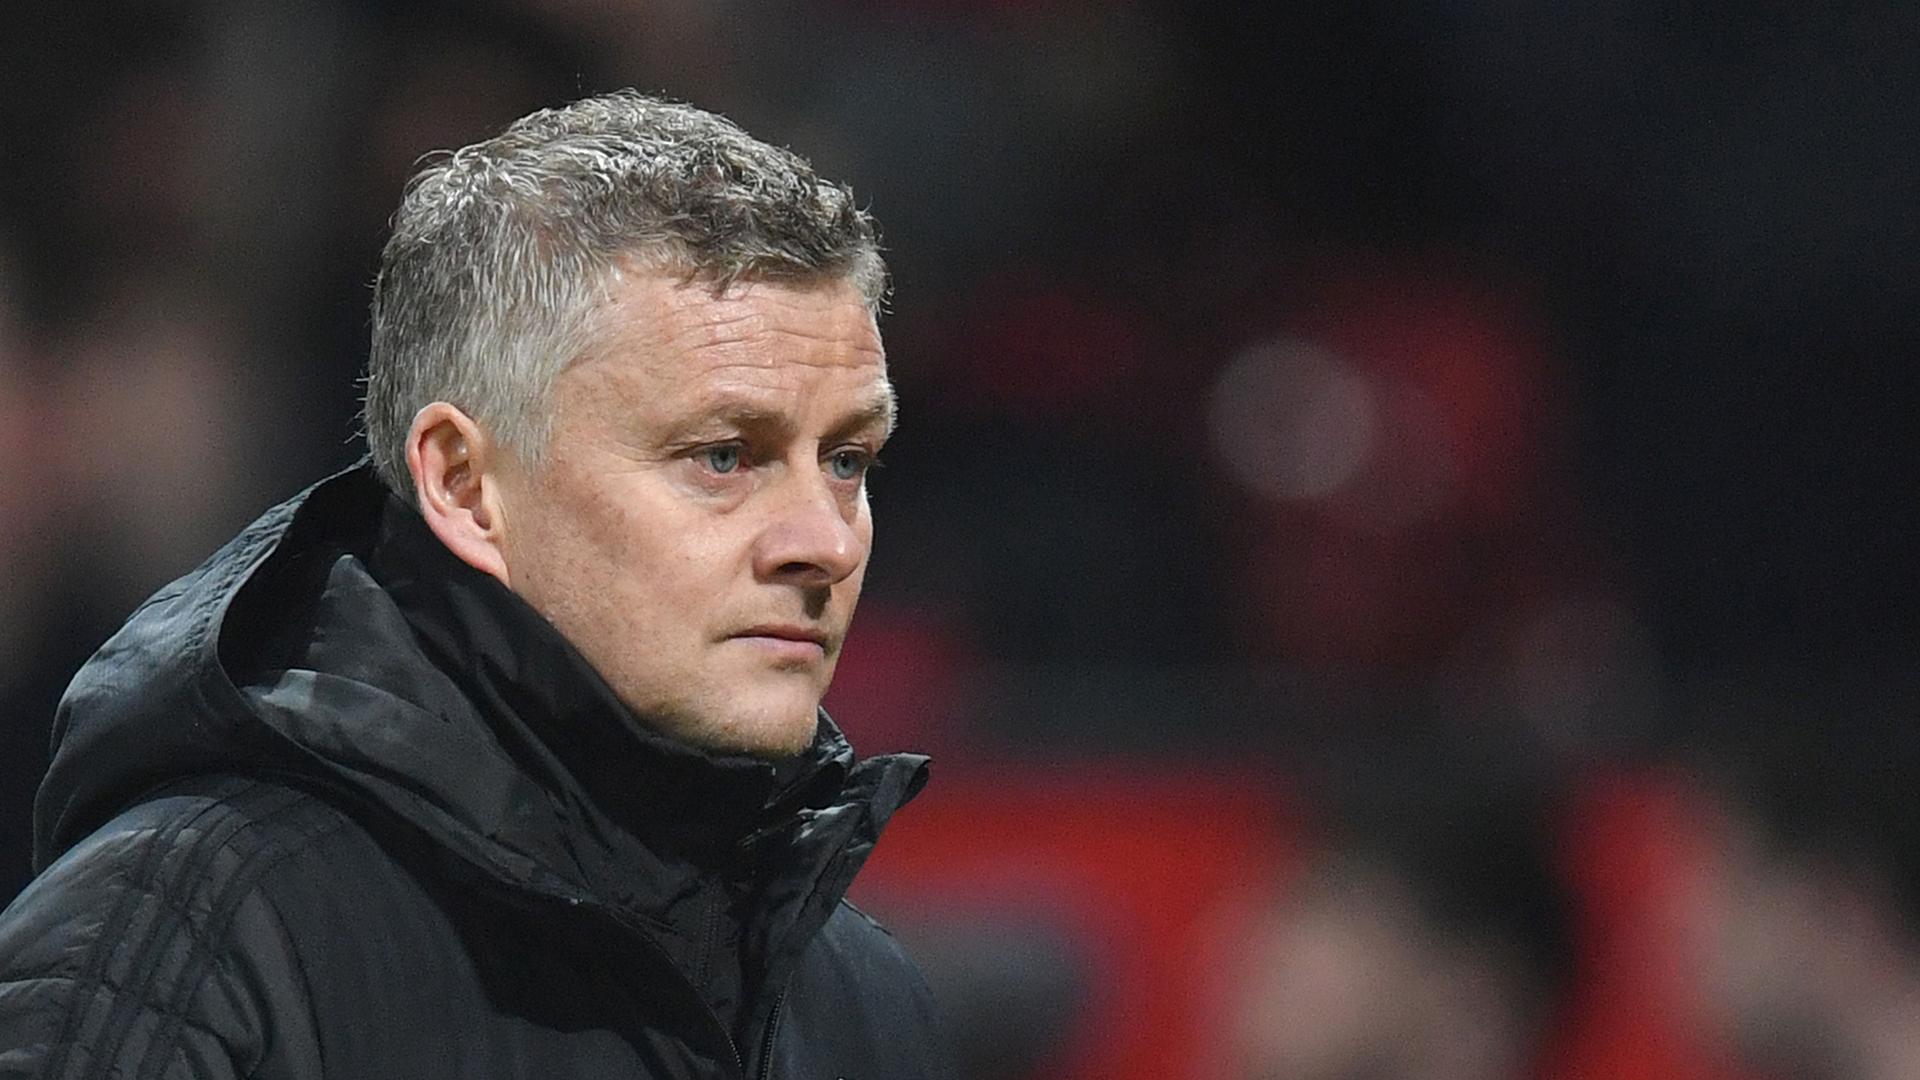 Man Utd flop Solskjaer will be the big loser in Old Trafford blame game |  Goal.com